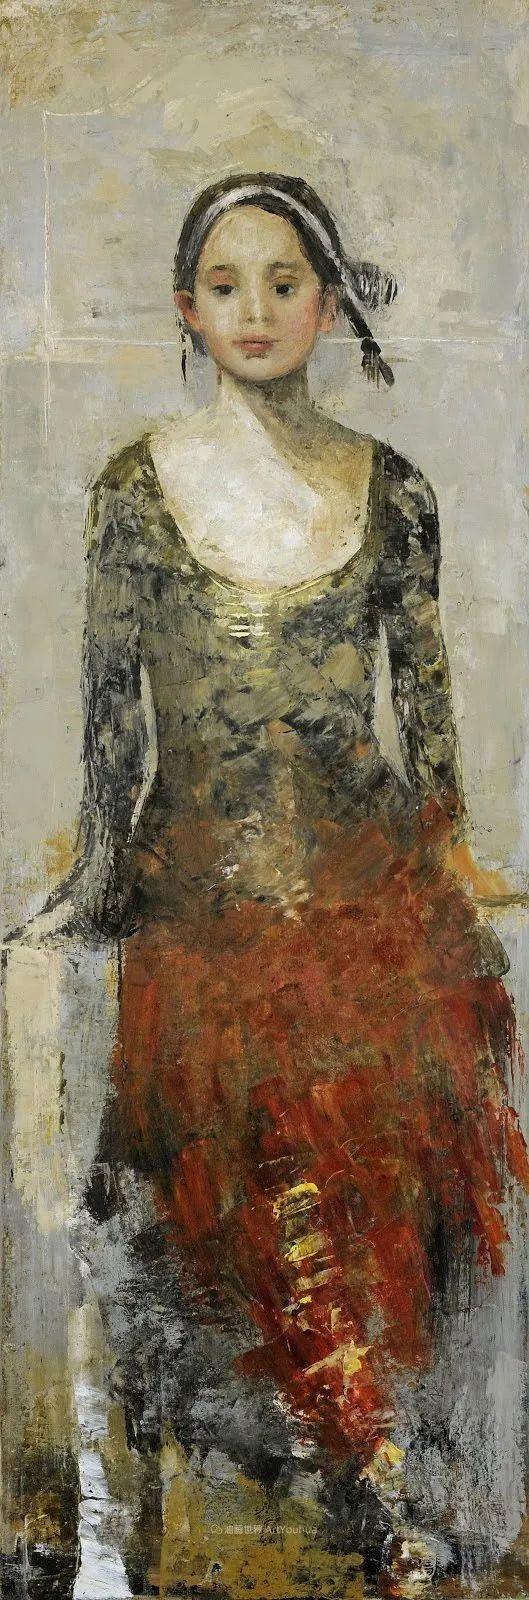 她从古代壁画中汲取灵感,但作品有一种非常现代、神秘的感觉!插图41